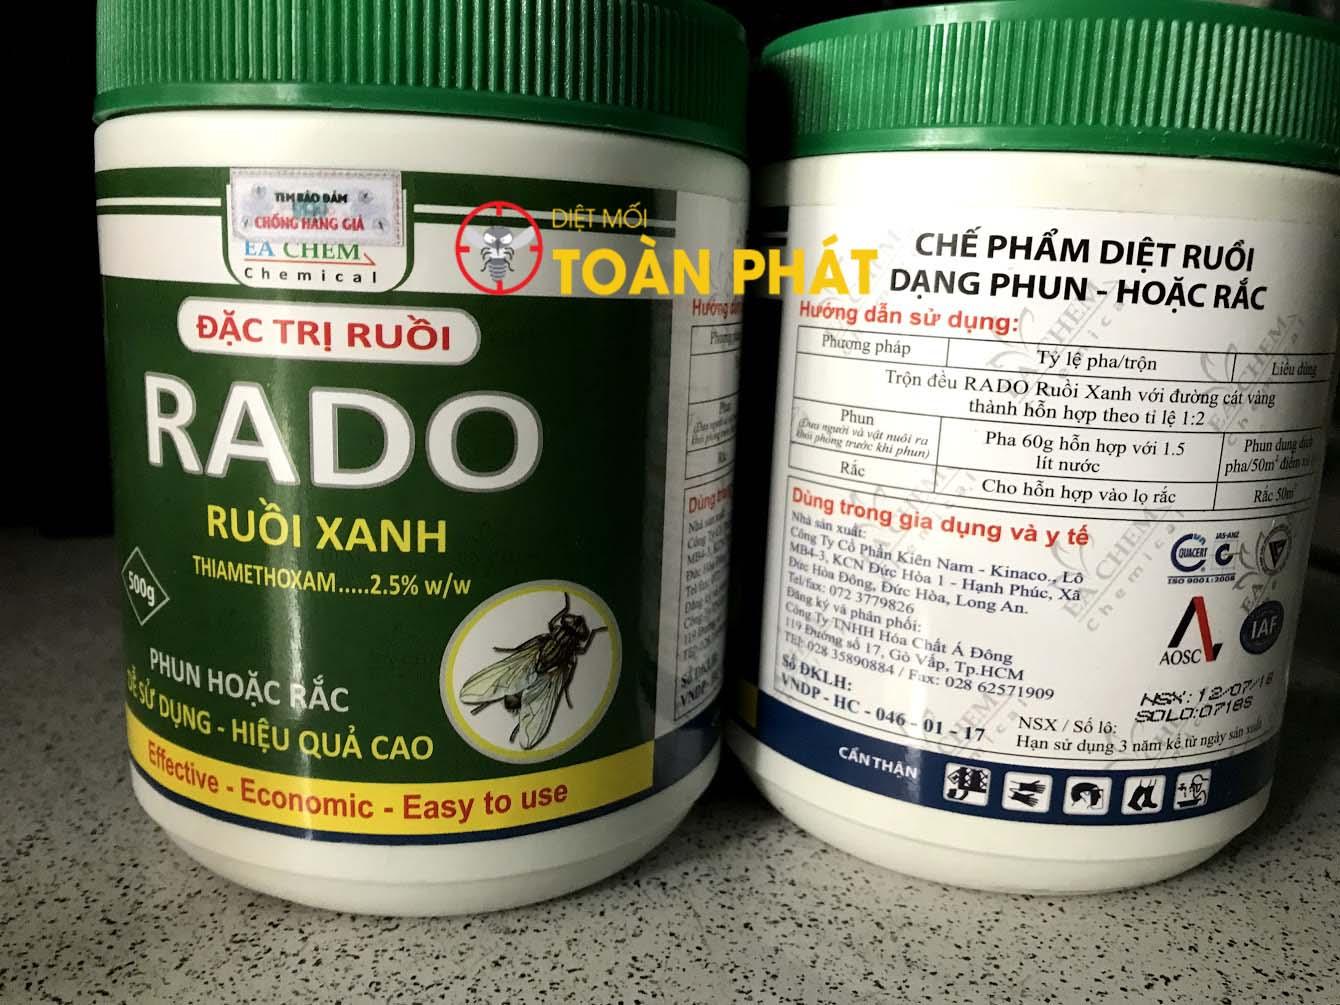 Thuốc diệt ruồi Rado Ruồi Xanh hộp 500g